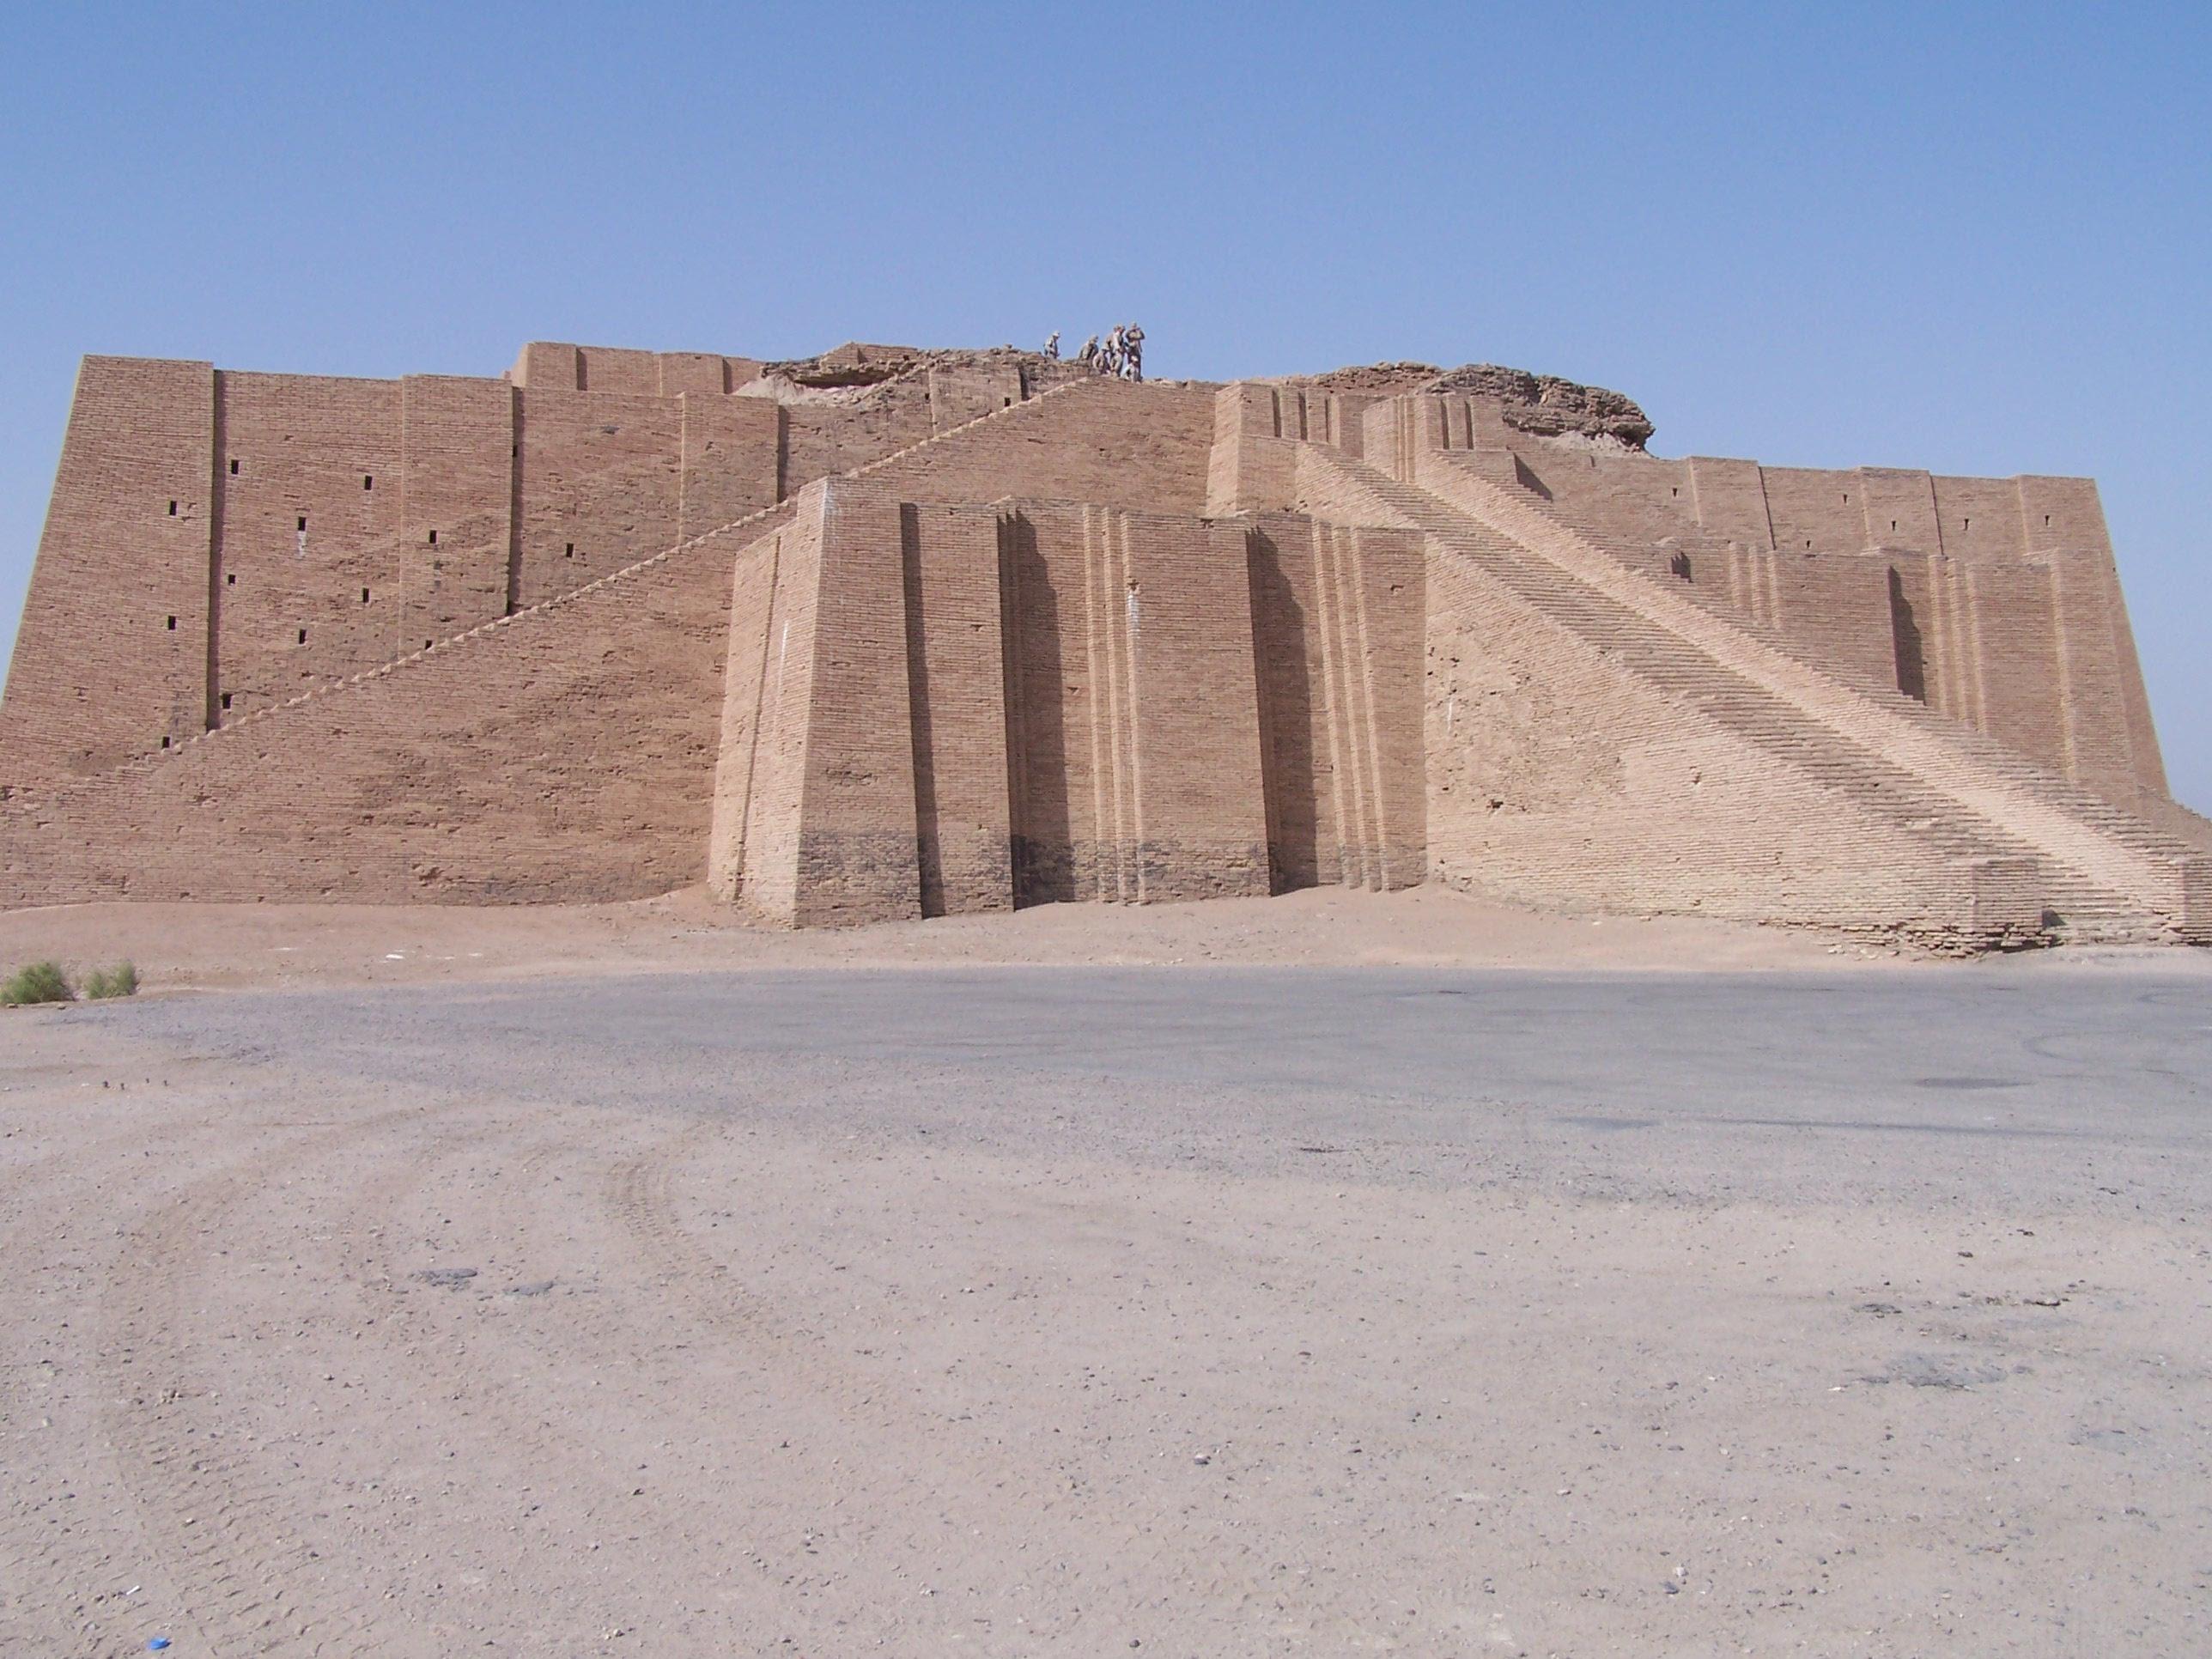 http://upload.wikimedia.org/wikipedia/commons/9/93/Ancient_ziggurat_at_Ali_Air_Base_Iraq_2005.jpg